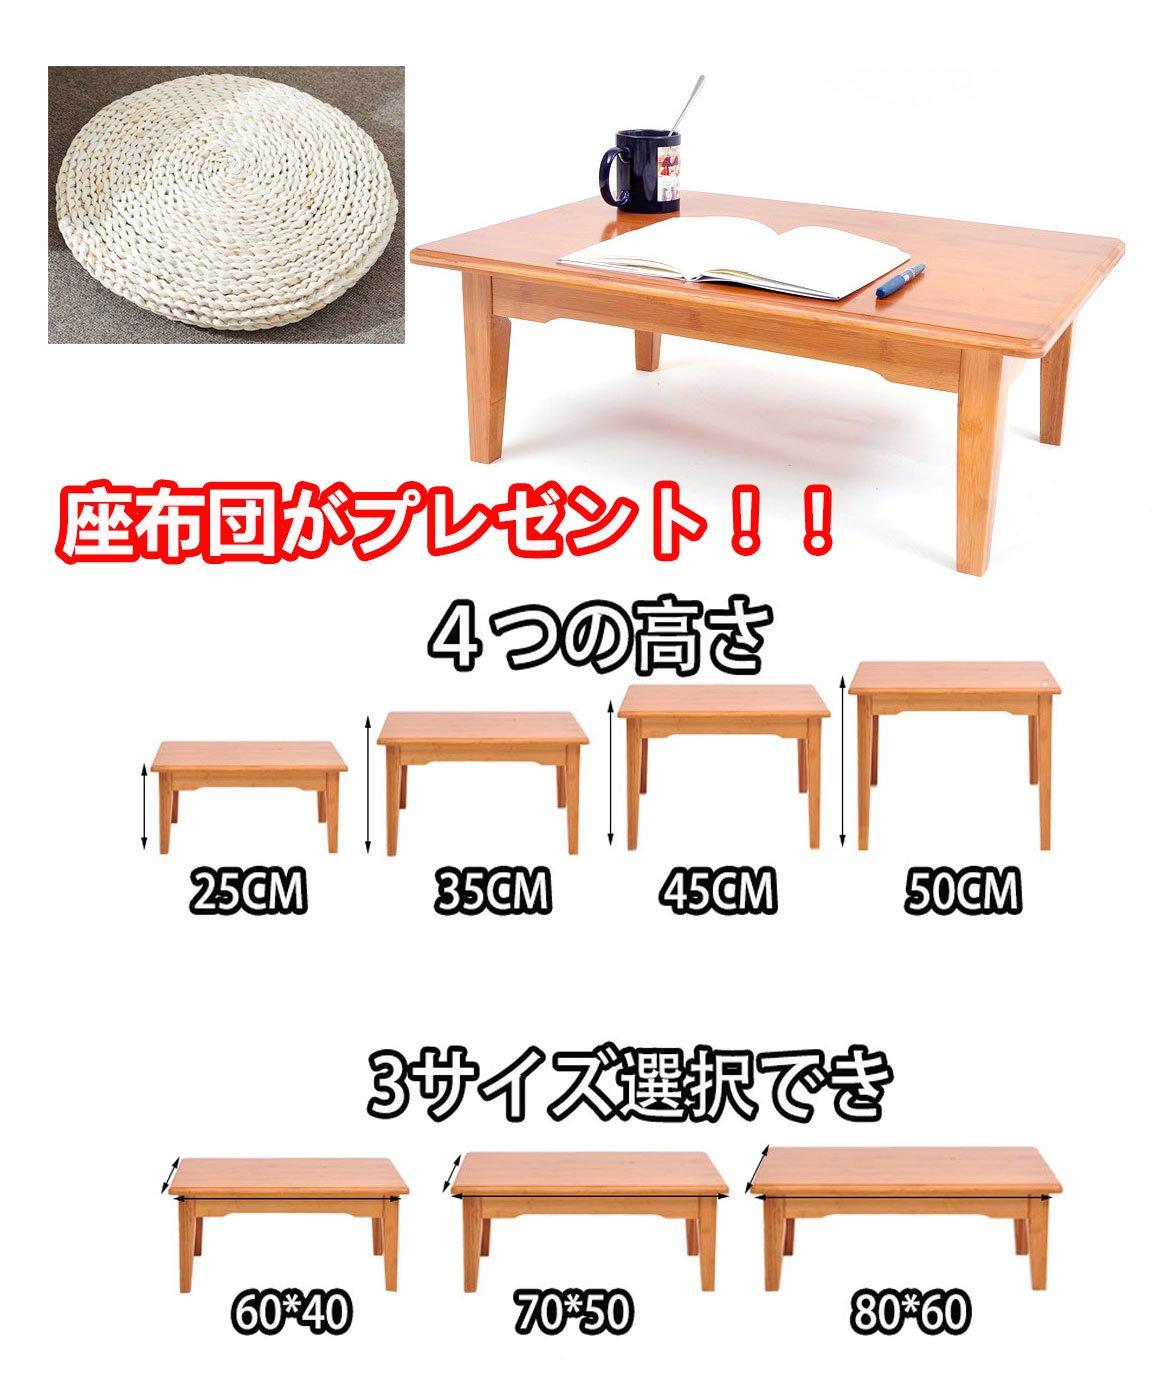 テーブル 木製テーブル 座卓 ローテーブル ちゃぶ台 幅60/70/80cm 高さ25/35/45/50cm 机 テーブル 脚 木製 テーブル デスク ウォールナット シンプル 北欧 B01MD2KNW5 60*40*35|35 35 60*40*35